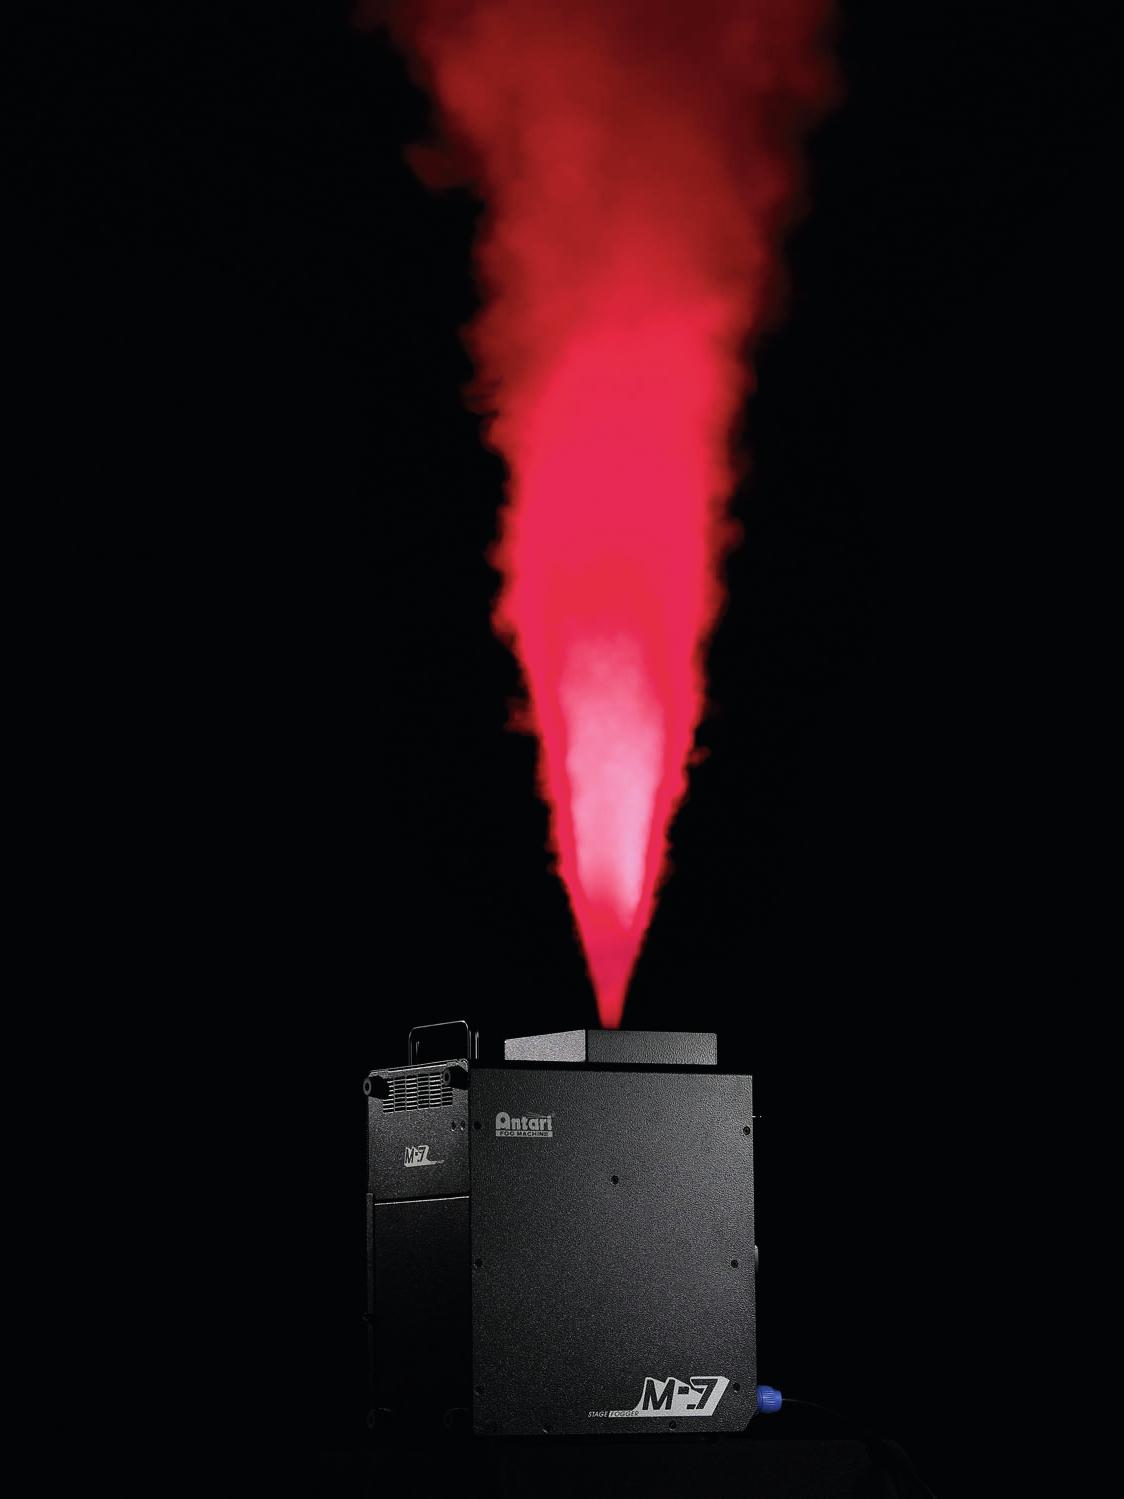 Macchina del fumo-nebbia alte prestazioni 1500 W, Wireless, DMX ANTARI M-7E